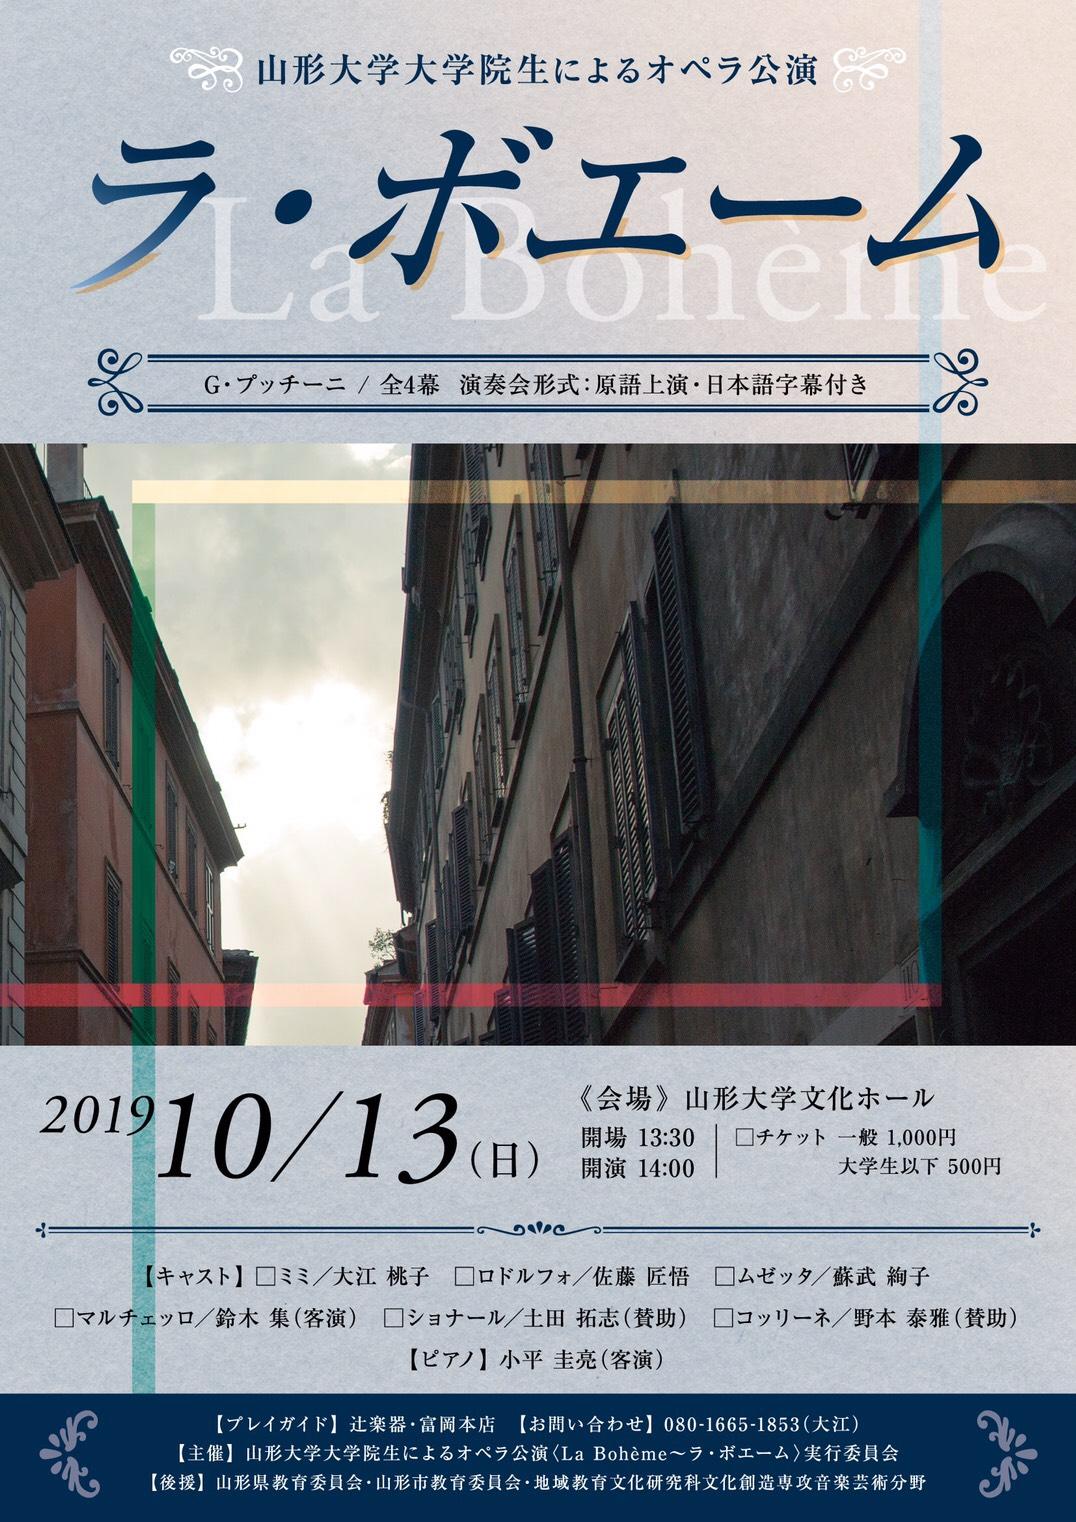 山形大学大学院生によるオペラ公演 <br>〜ラ・ボエーム〜